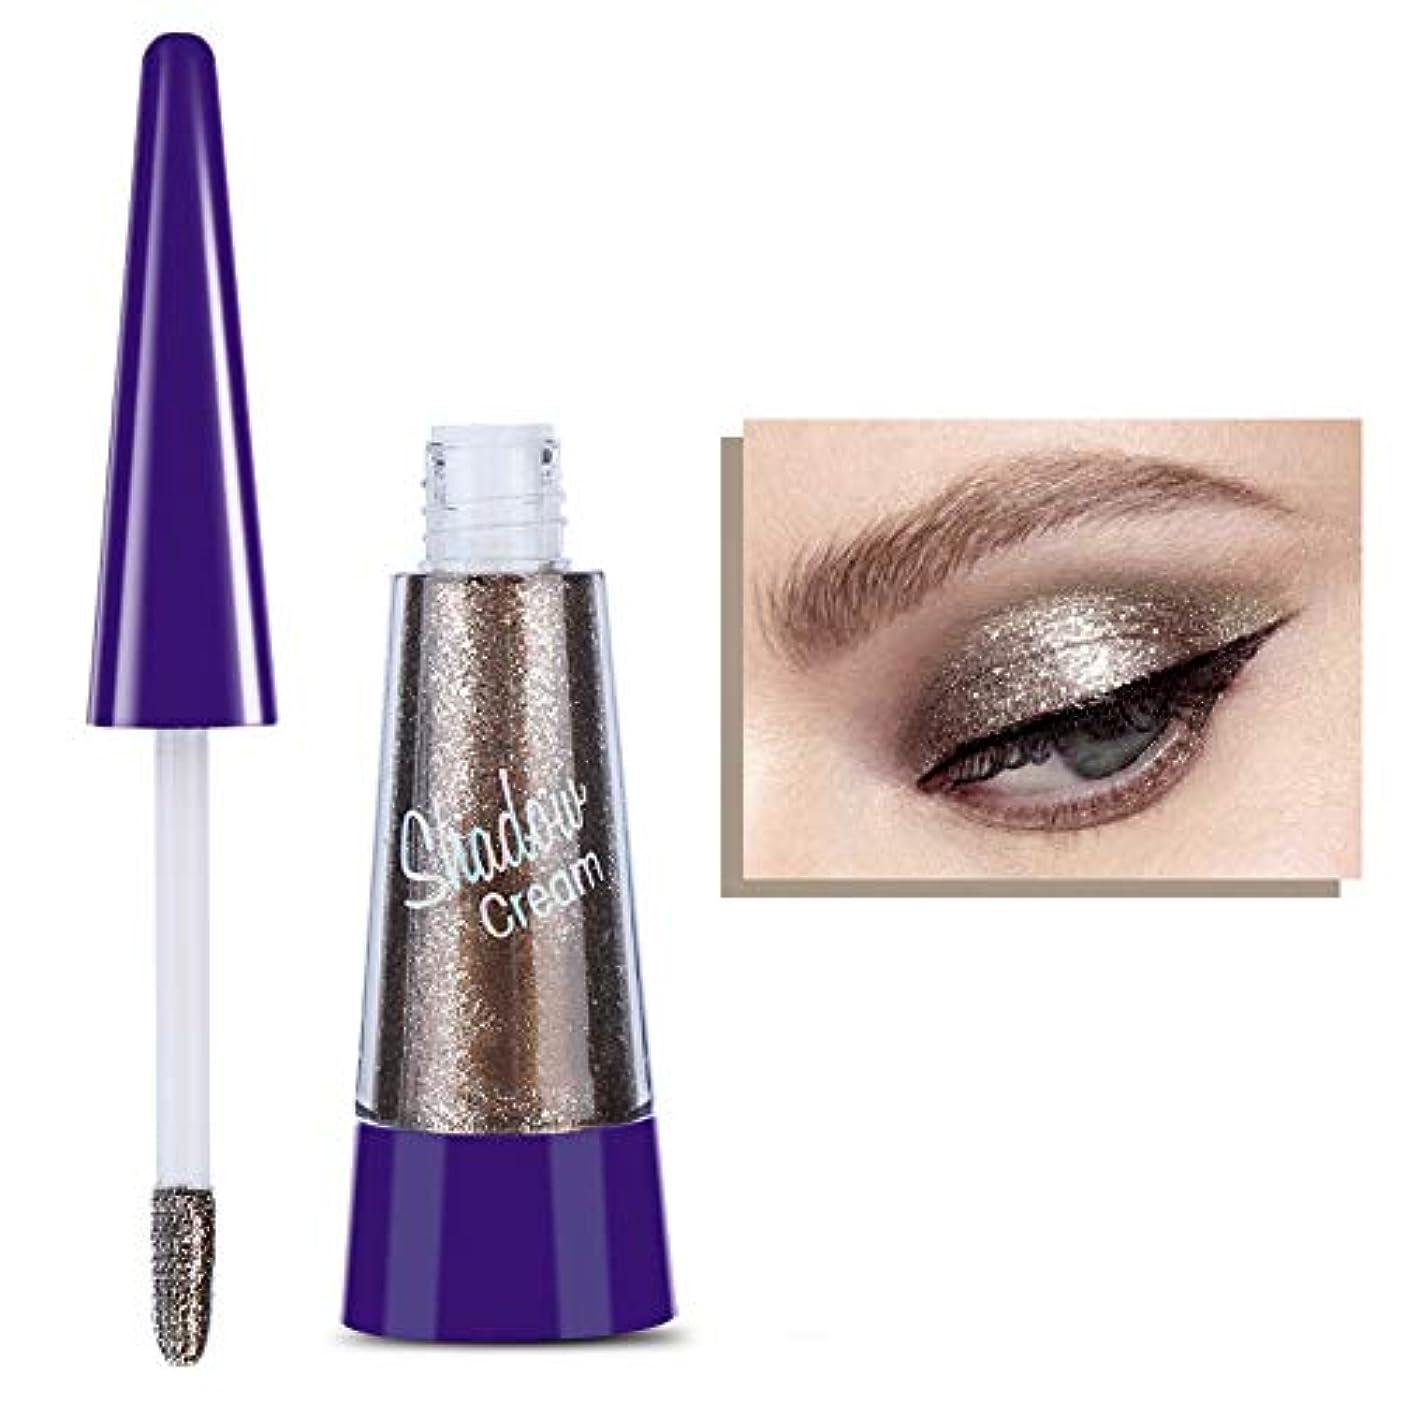 写真を描く署名砂利液体光沢アイシャドウ、目のための耐久性のある防水化粧品、華やかなアイメイクを作成する、ショッピングや会議やパーティーに適している(02)